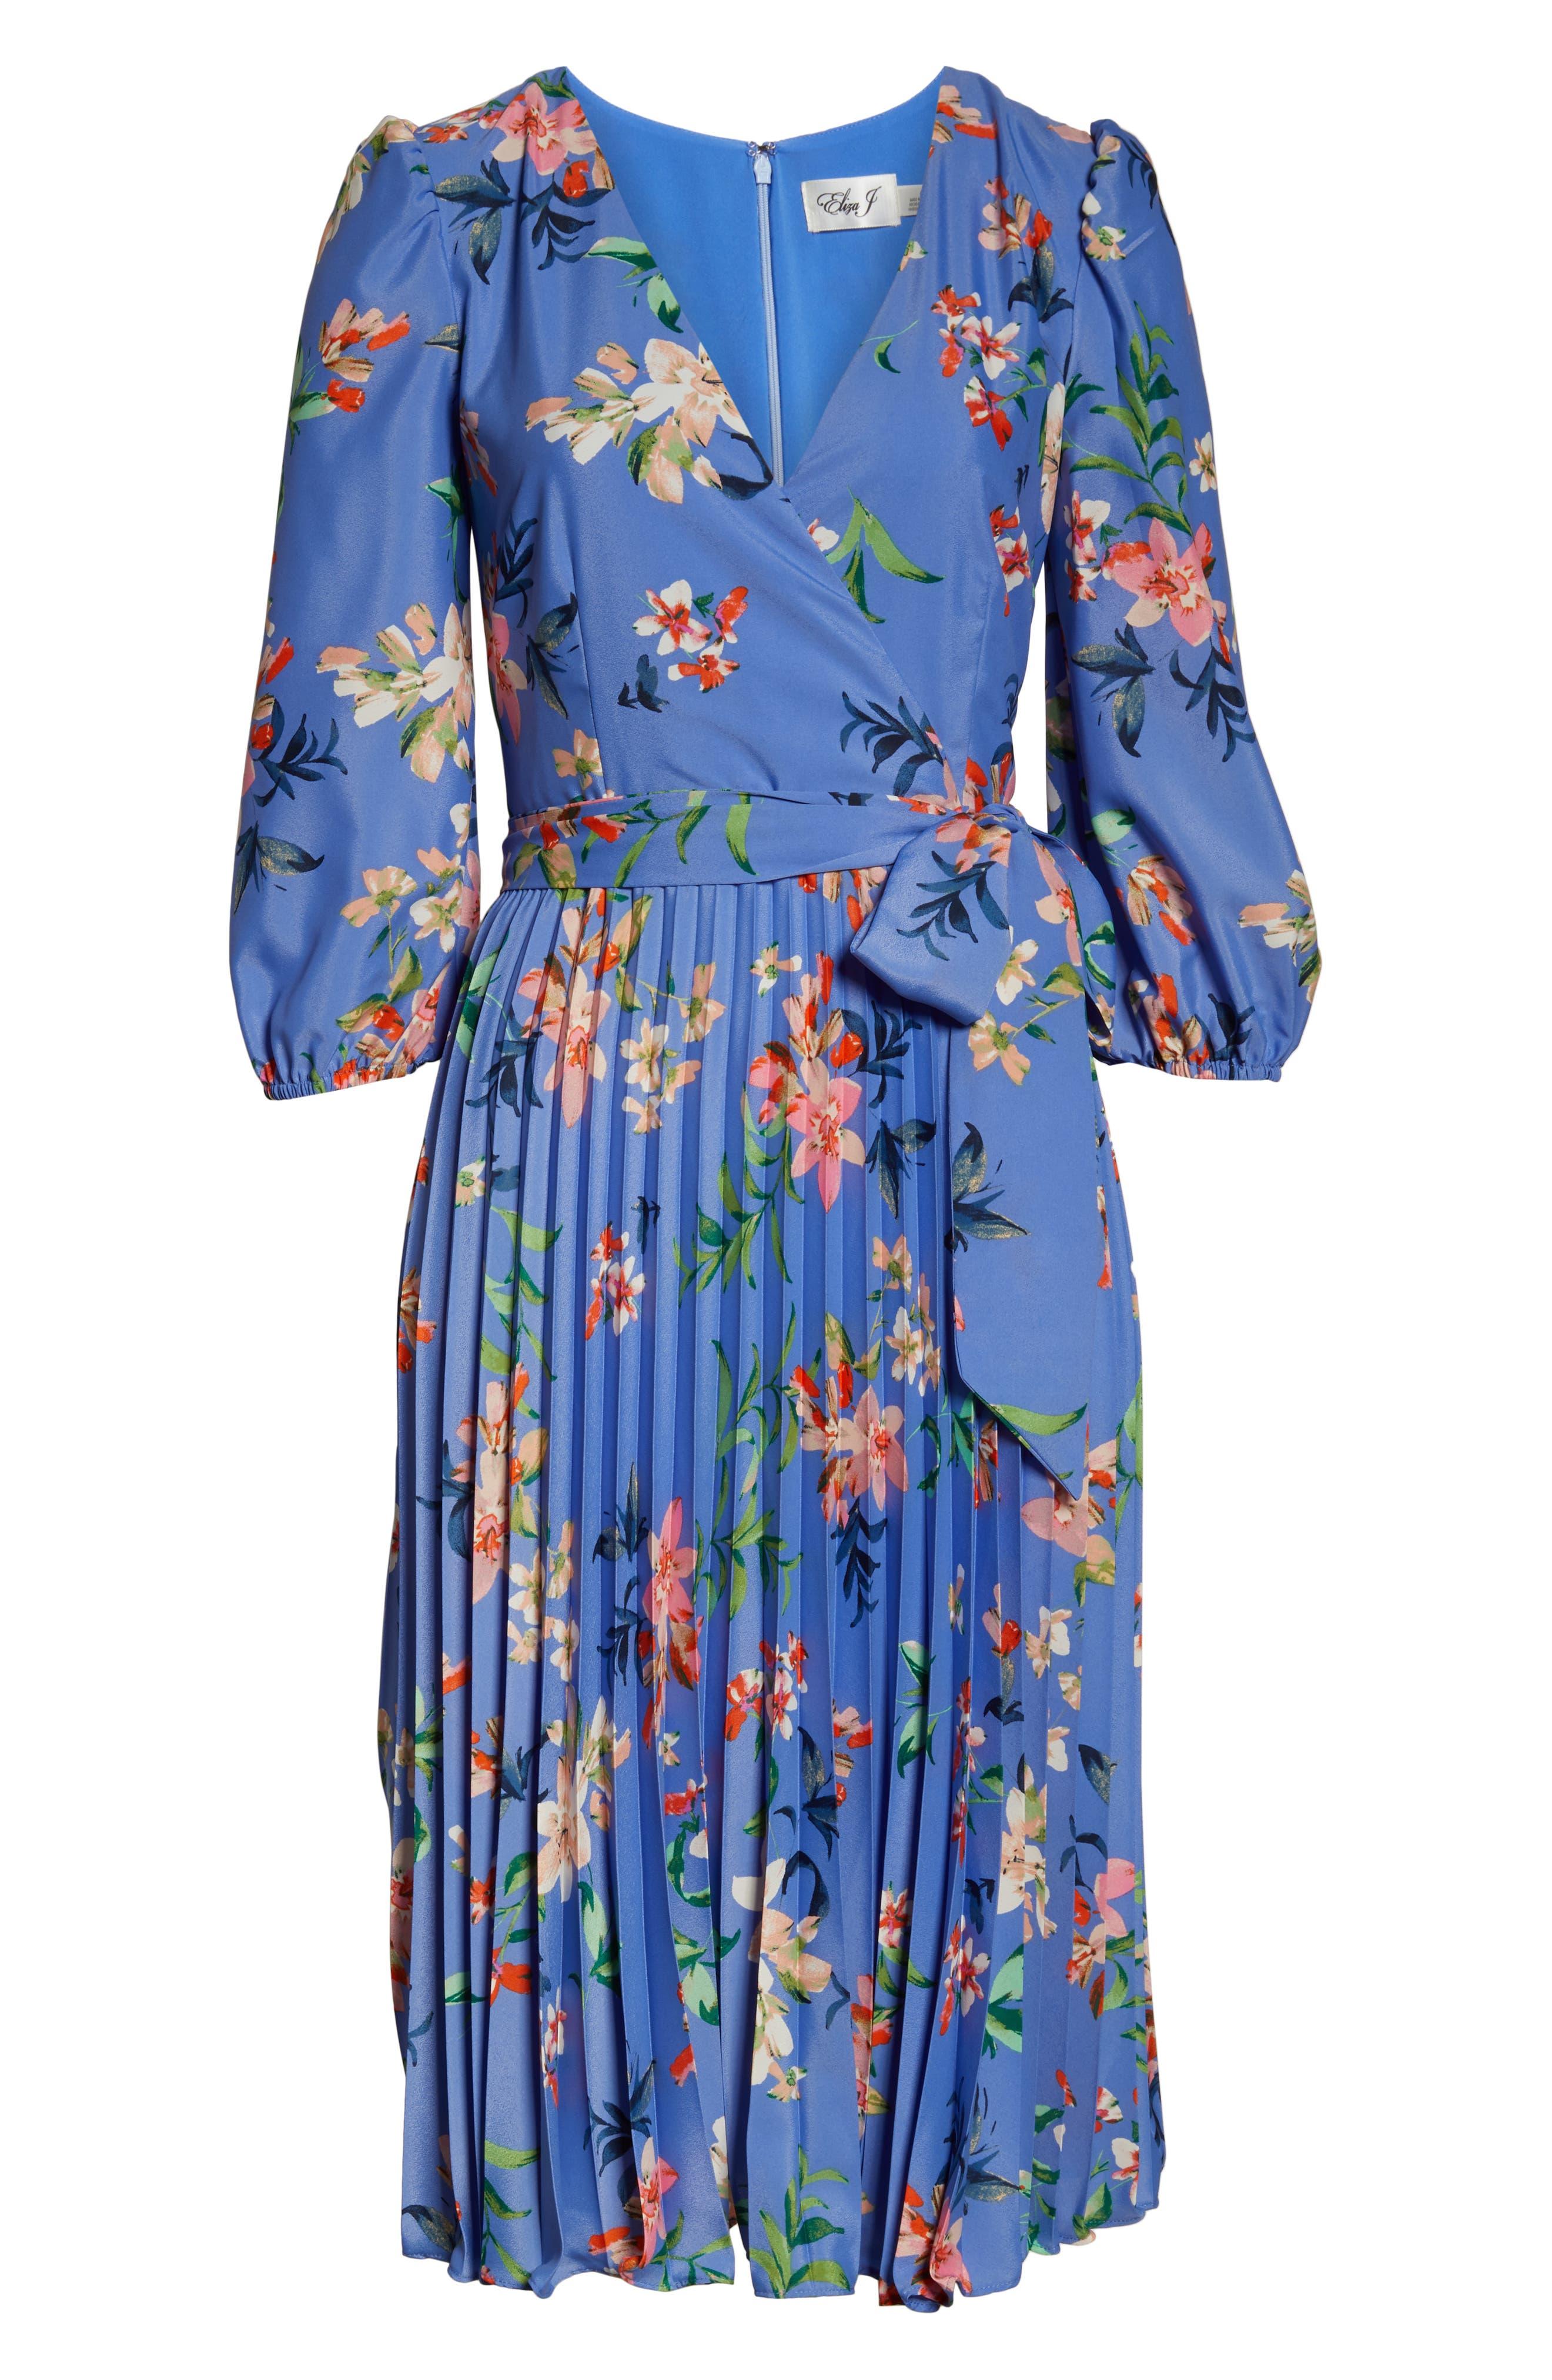 ELIZA J, Pleated Faux Wrap Dress, Alternate thumbnail 7, color, BLUE